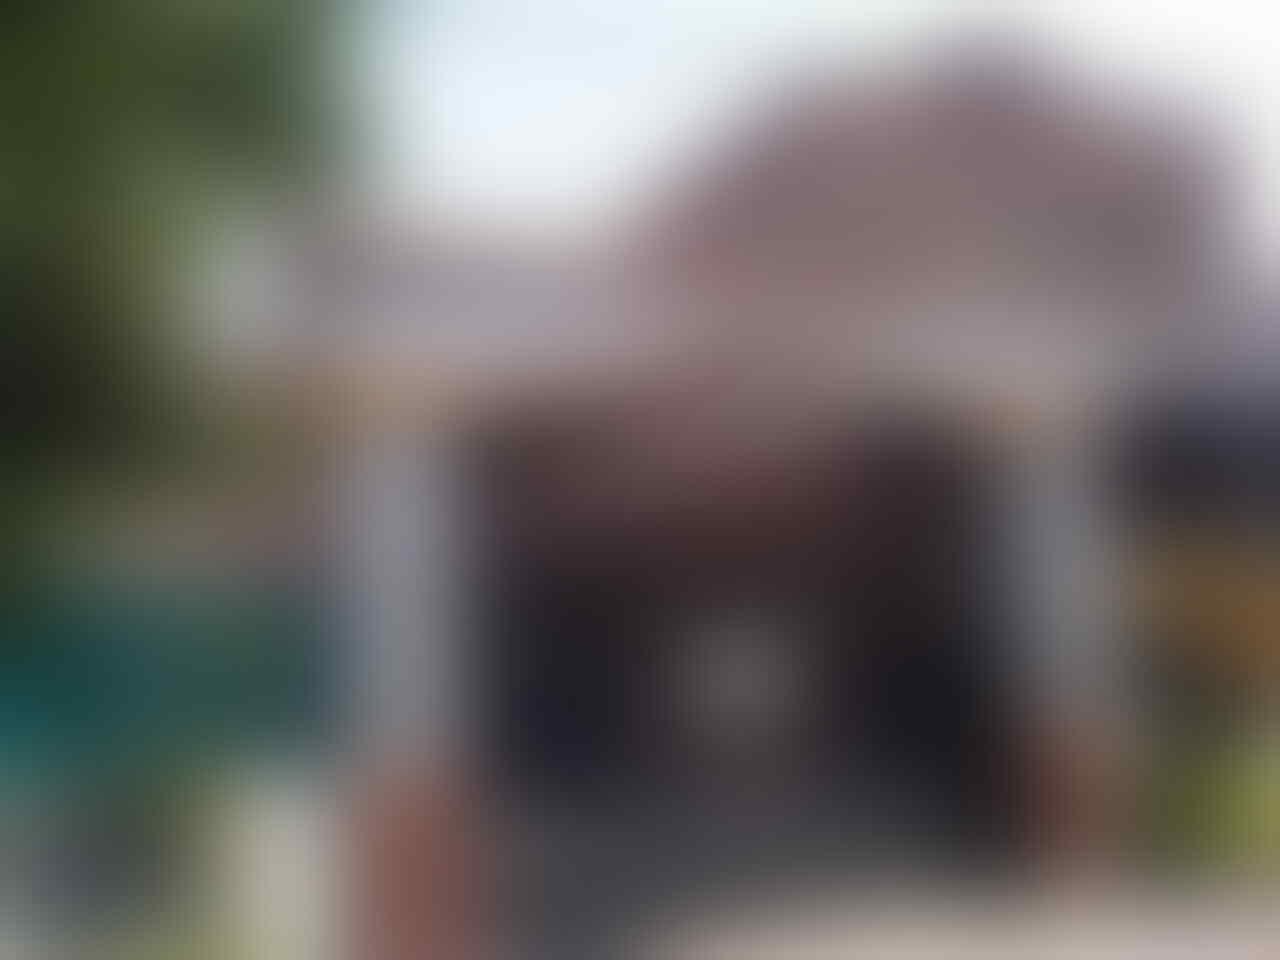 Rumah kos idaman surabaya timur